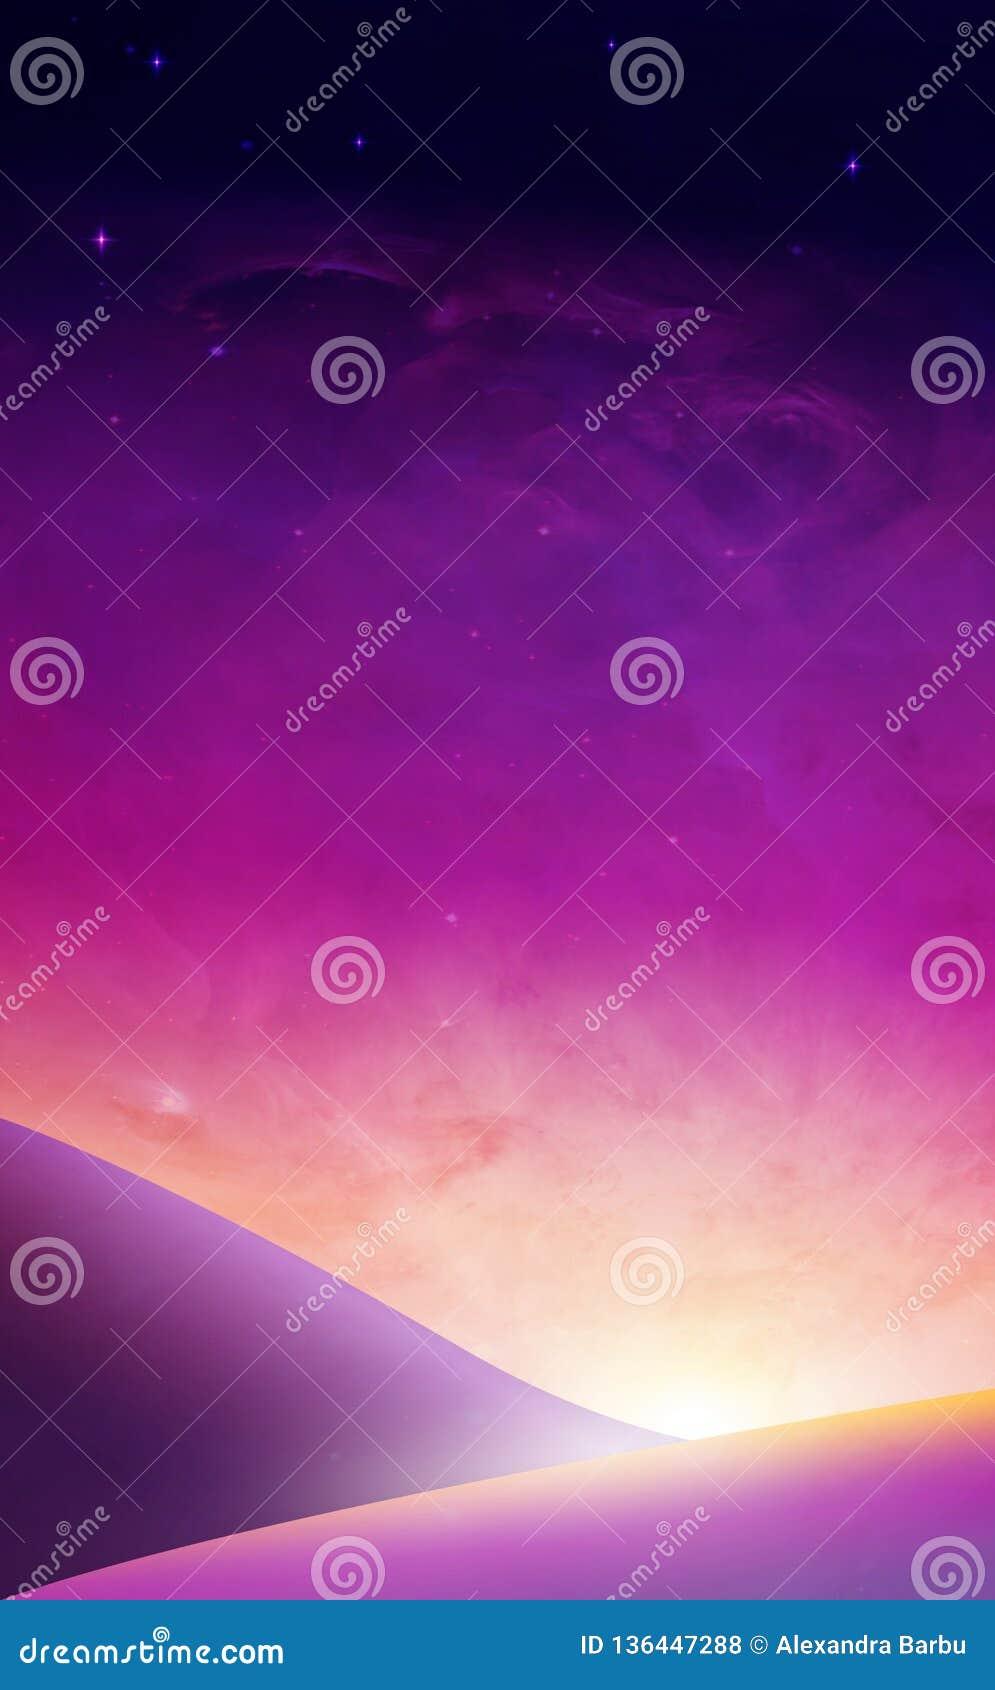 Πορφυρό ηλιοβασίλεμα ουρανού, υπερφυσική ταπετσαρία ανατολής